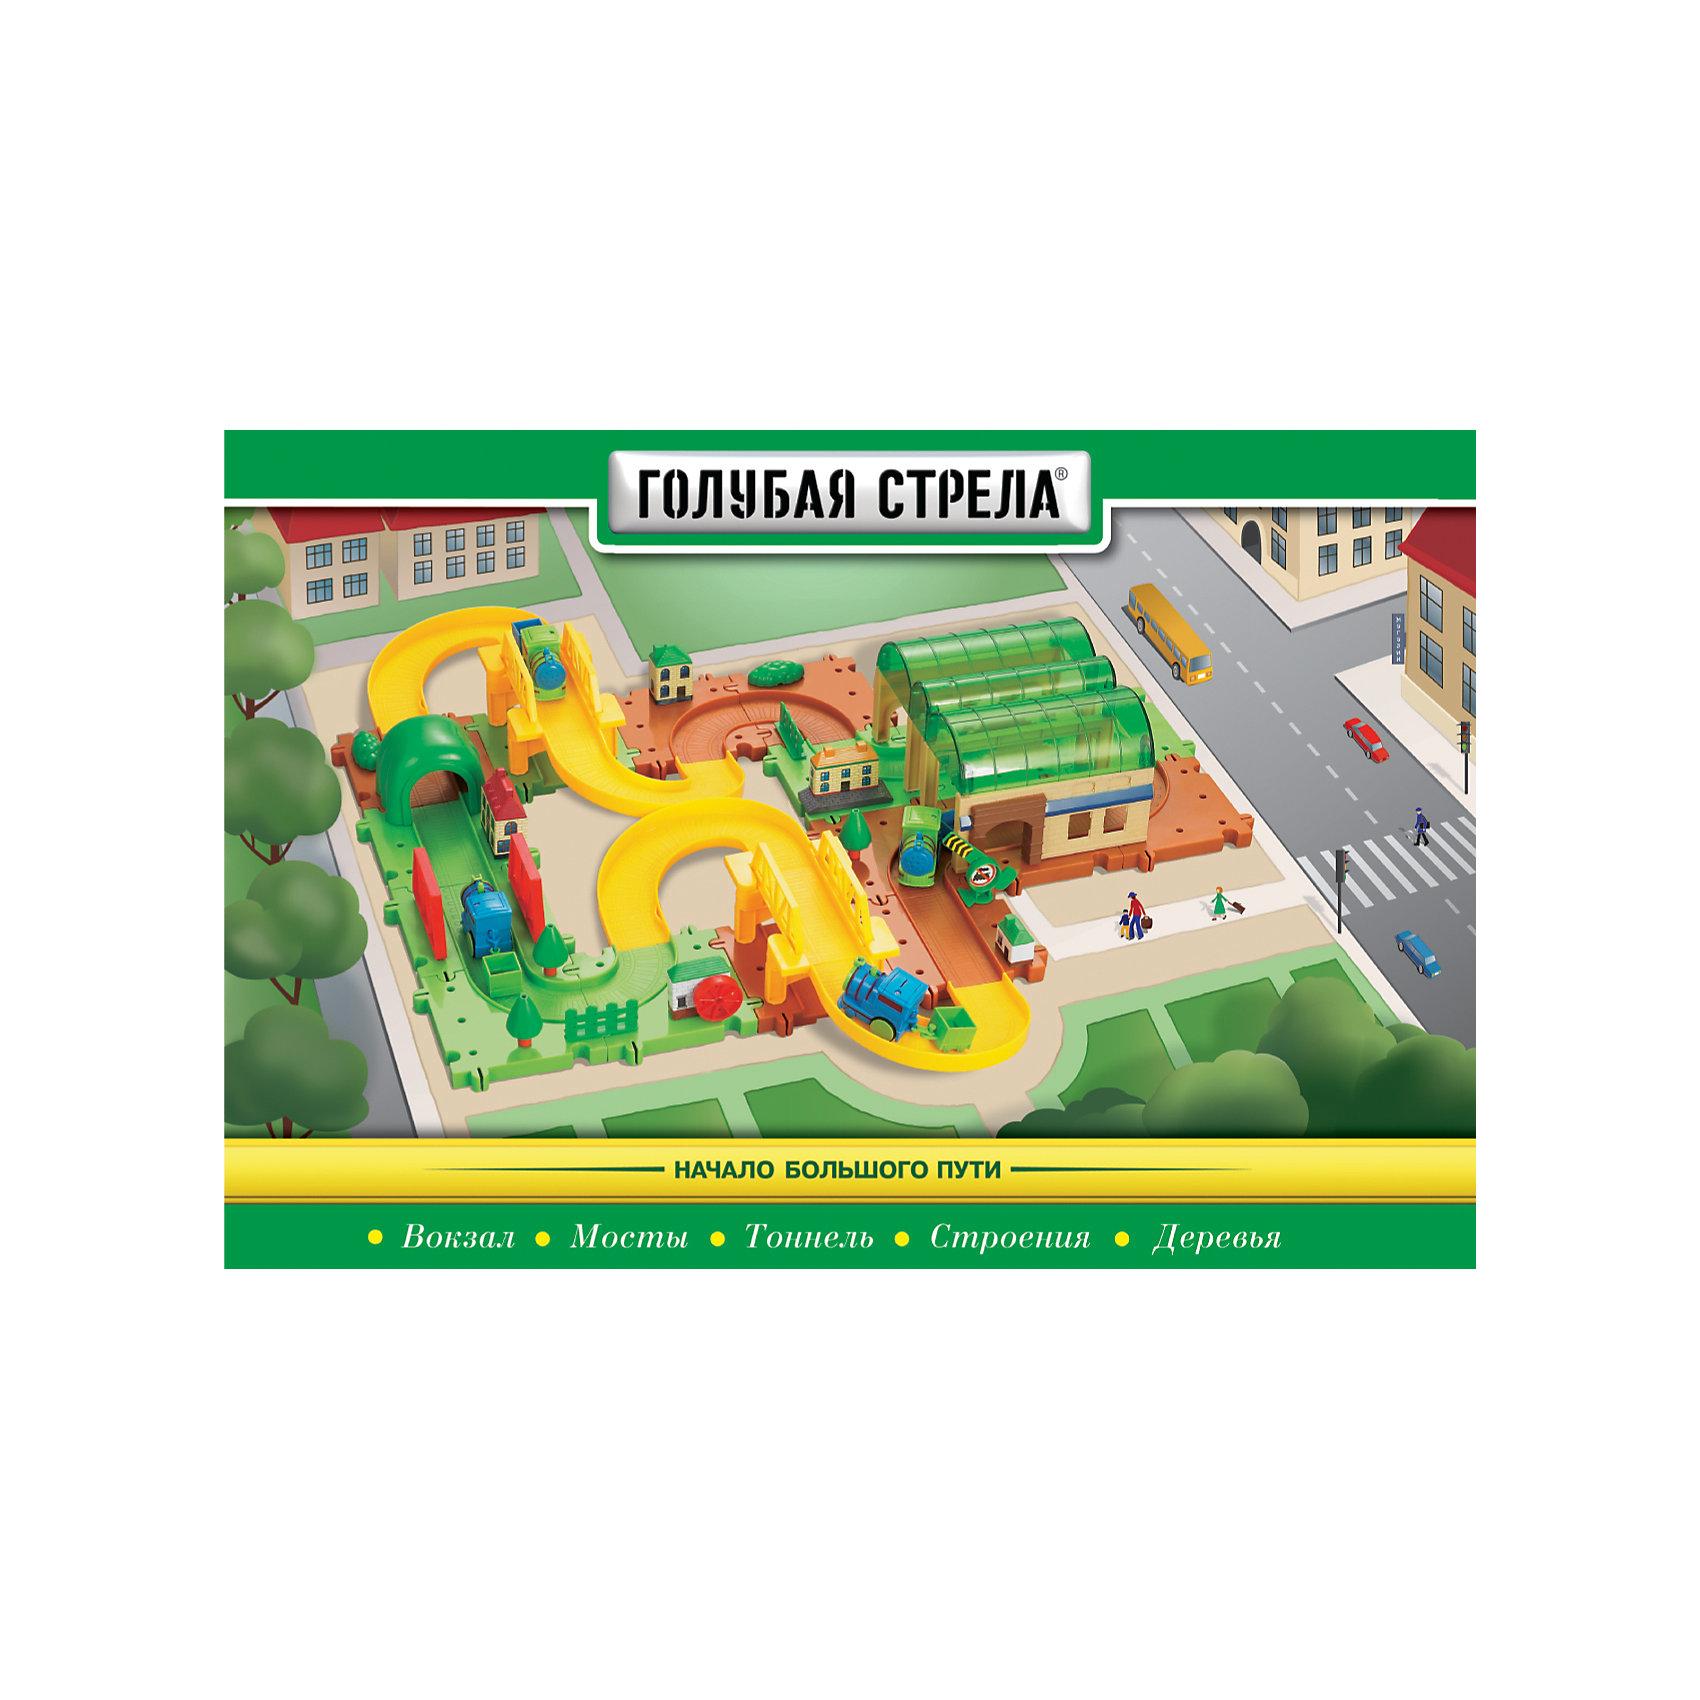 Железная дорога Станция пассажирская, Голубая стрелаИгрушечная железная дорога<br>Железная дорога Станция пассажирская, Голубая стрела.<br><br>Характеристики:<br><br>• Комплектация: элементы железнодорожного полотна, паровозик с вагончиком, вокзал, мосты, тоннель, строения, деревья, шлагбаум<br>• Ширина колеи: 2,5 см.<br>• Размер паровозика: 5х3,5-4 см.<br>• Батарейка: 1 типа ААА (в комплект не входит)<br>• Материал: пластик<br>• Упаковка: картонная коробка<br>• Размер упаковки: 31х45х7 см.<br>• Данный товар был отмечен «знаком качества» на выставке «Лучшее-детям 2012»<br><br>«Станция пассажирская» - это великолепная игрушка для детей от 3 лет. Она представляет собой конструктор с железнодорожным полотном, вокзалом, домиками, заводами, деревьями, паровозиком с вагончиком и не только. Этот набор очень прост в сборке. Одни элементы дороги (блоки) соединяются между собой как пазл, то есть с нескольких сторон, другие (дугой) - с помощью обычных креплений. Причем никаких стыков после сборки не остается, паровозик не «спотыкается» по дороге во время движения. Собирать железную дорогу можно по-разному. Можно использовать только блочные элементы или все вместе. Все элементы набора вращаются, вертятся (поднимается шлагбаум, деревья крутятся и т.д.). <br><br>Движение паровозика с вагончиком происходит в зависимости от положения переключателя вкл./выкл. на паровозе. Элементы набора выполнены из прочного, крепкого, качественного пластика, который со временем не деформируется. Набор упакован в коробку с ручкой, в которой его удобно хранить и переносить. Железная дорога «Станция пассажирская» не оставит равнодушными ни детей, ни взрослых.<br><br>Железную дорогу Станция пассажирская, Голубая стрела можно купить в нашем интернет-магазине.<br><br>Ширина мм: 440<br>Глубина мм: 290<br>Высота мм: 60<br>Вес г: 1178<br>Возраст от месяцев: 36<br>Возраст до месяцев: 2147483647<br>Пол: Мужской<br>Возраст: Детский<br>SKU: 5400257